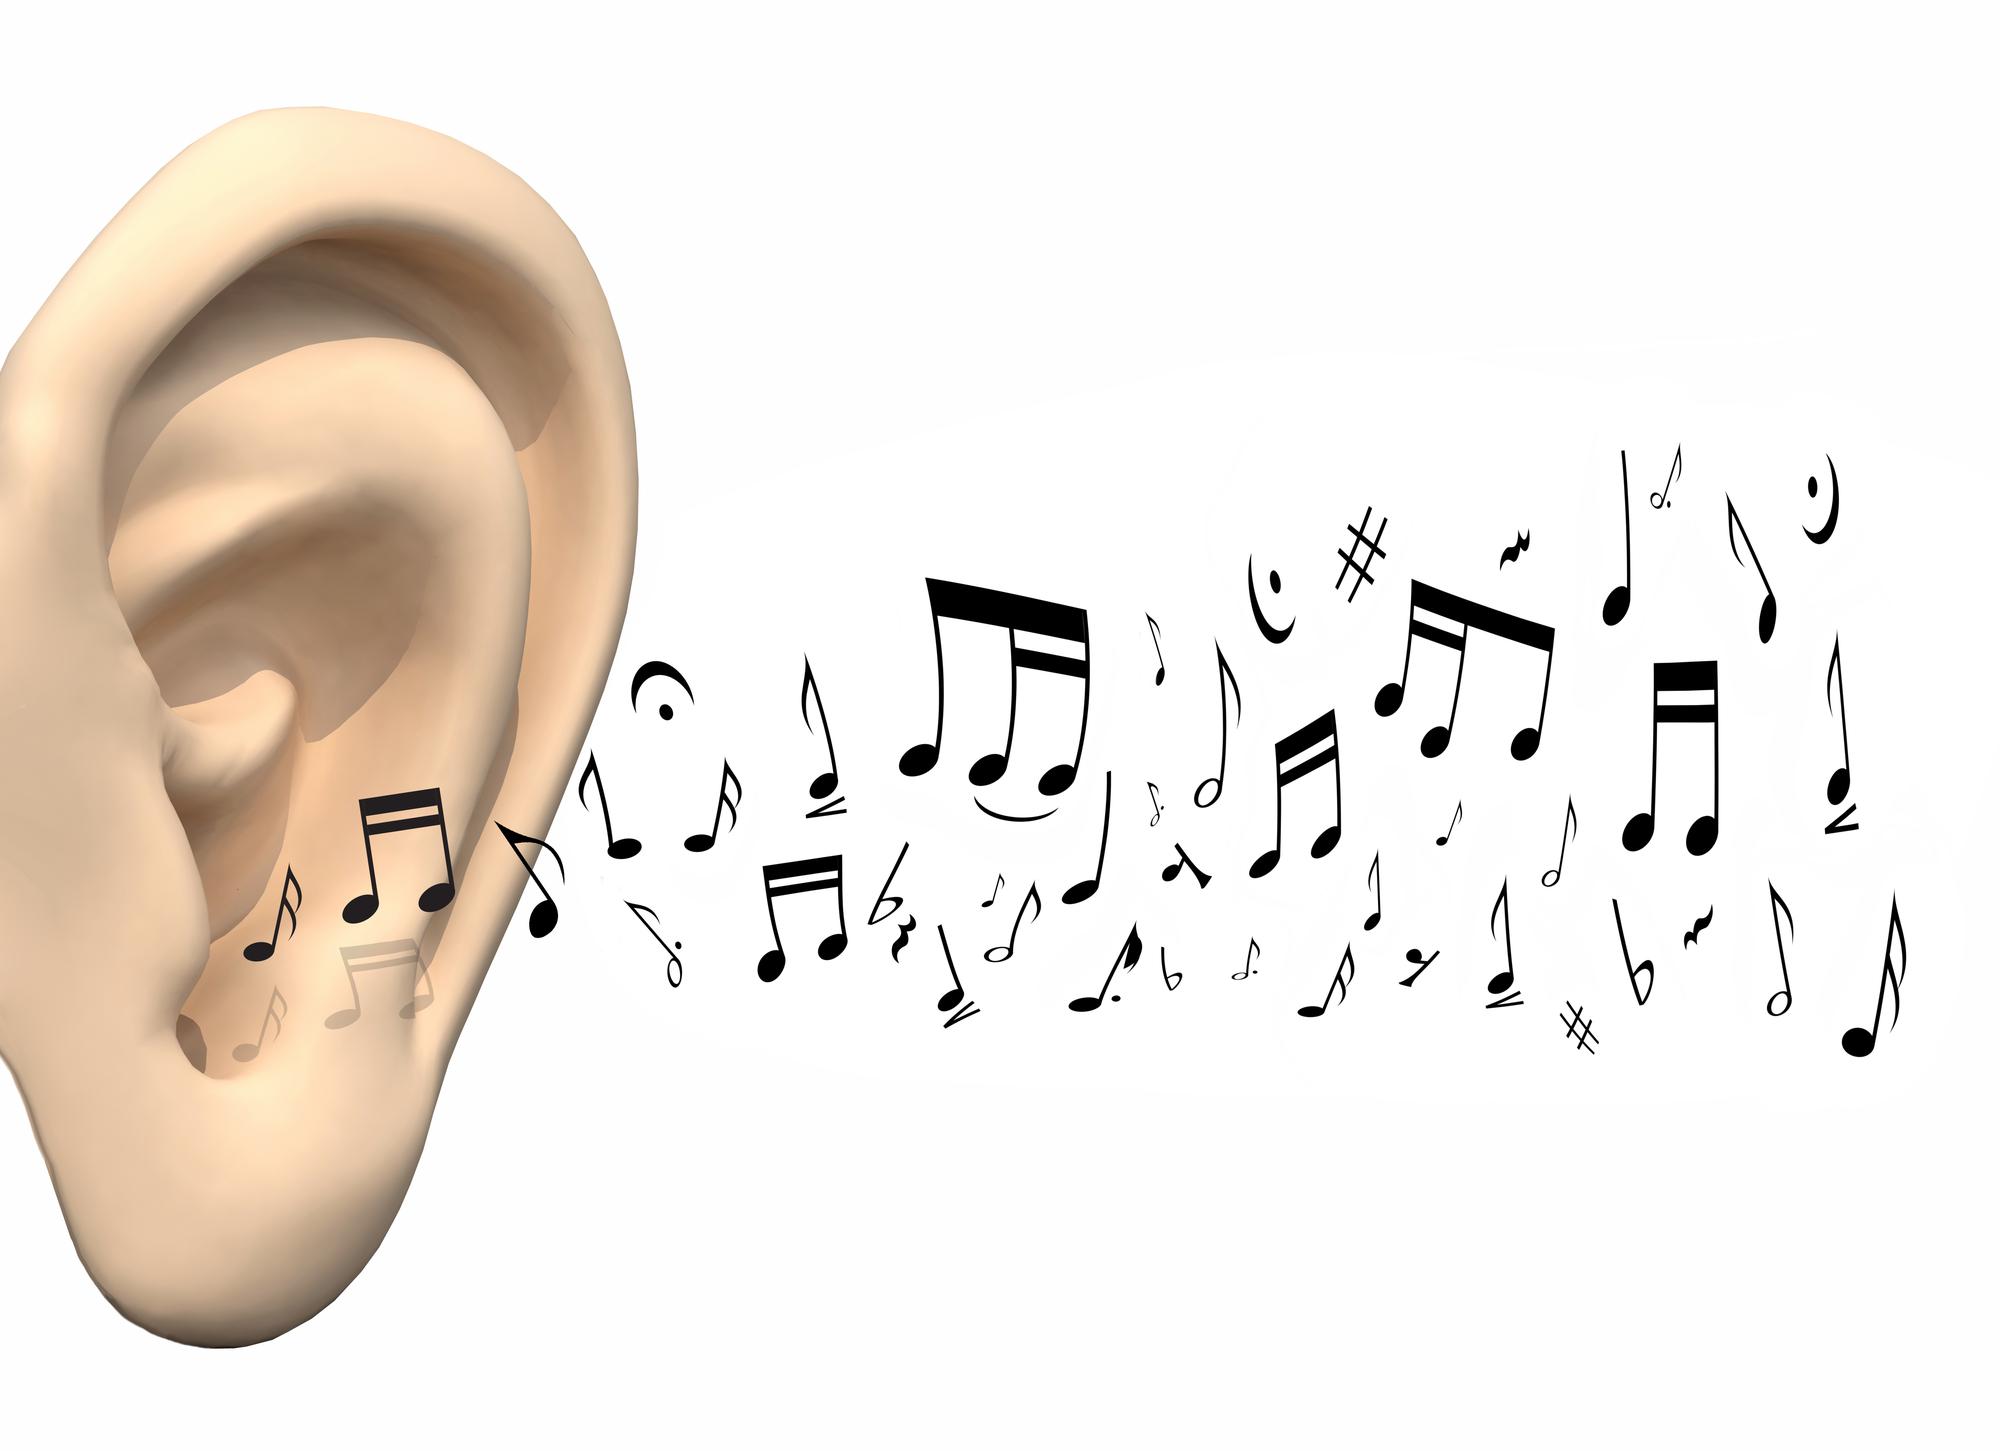 אמנות ההקשבה סדנה לחברות ארגונים עמותות צוותים חינוכיים מגמות מוזיקה כולי אוזן